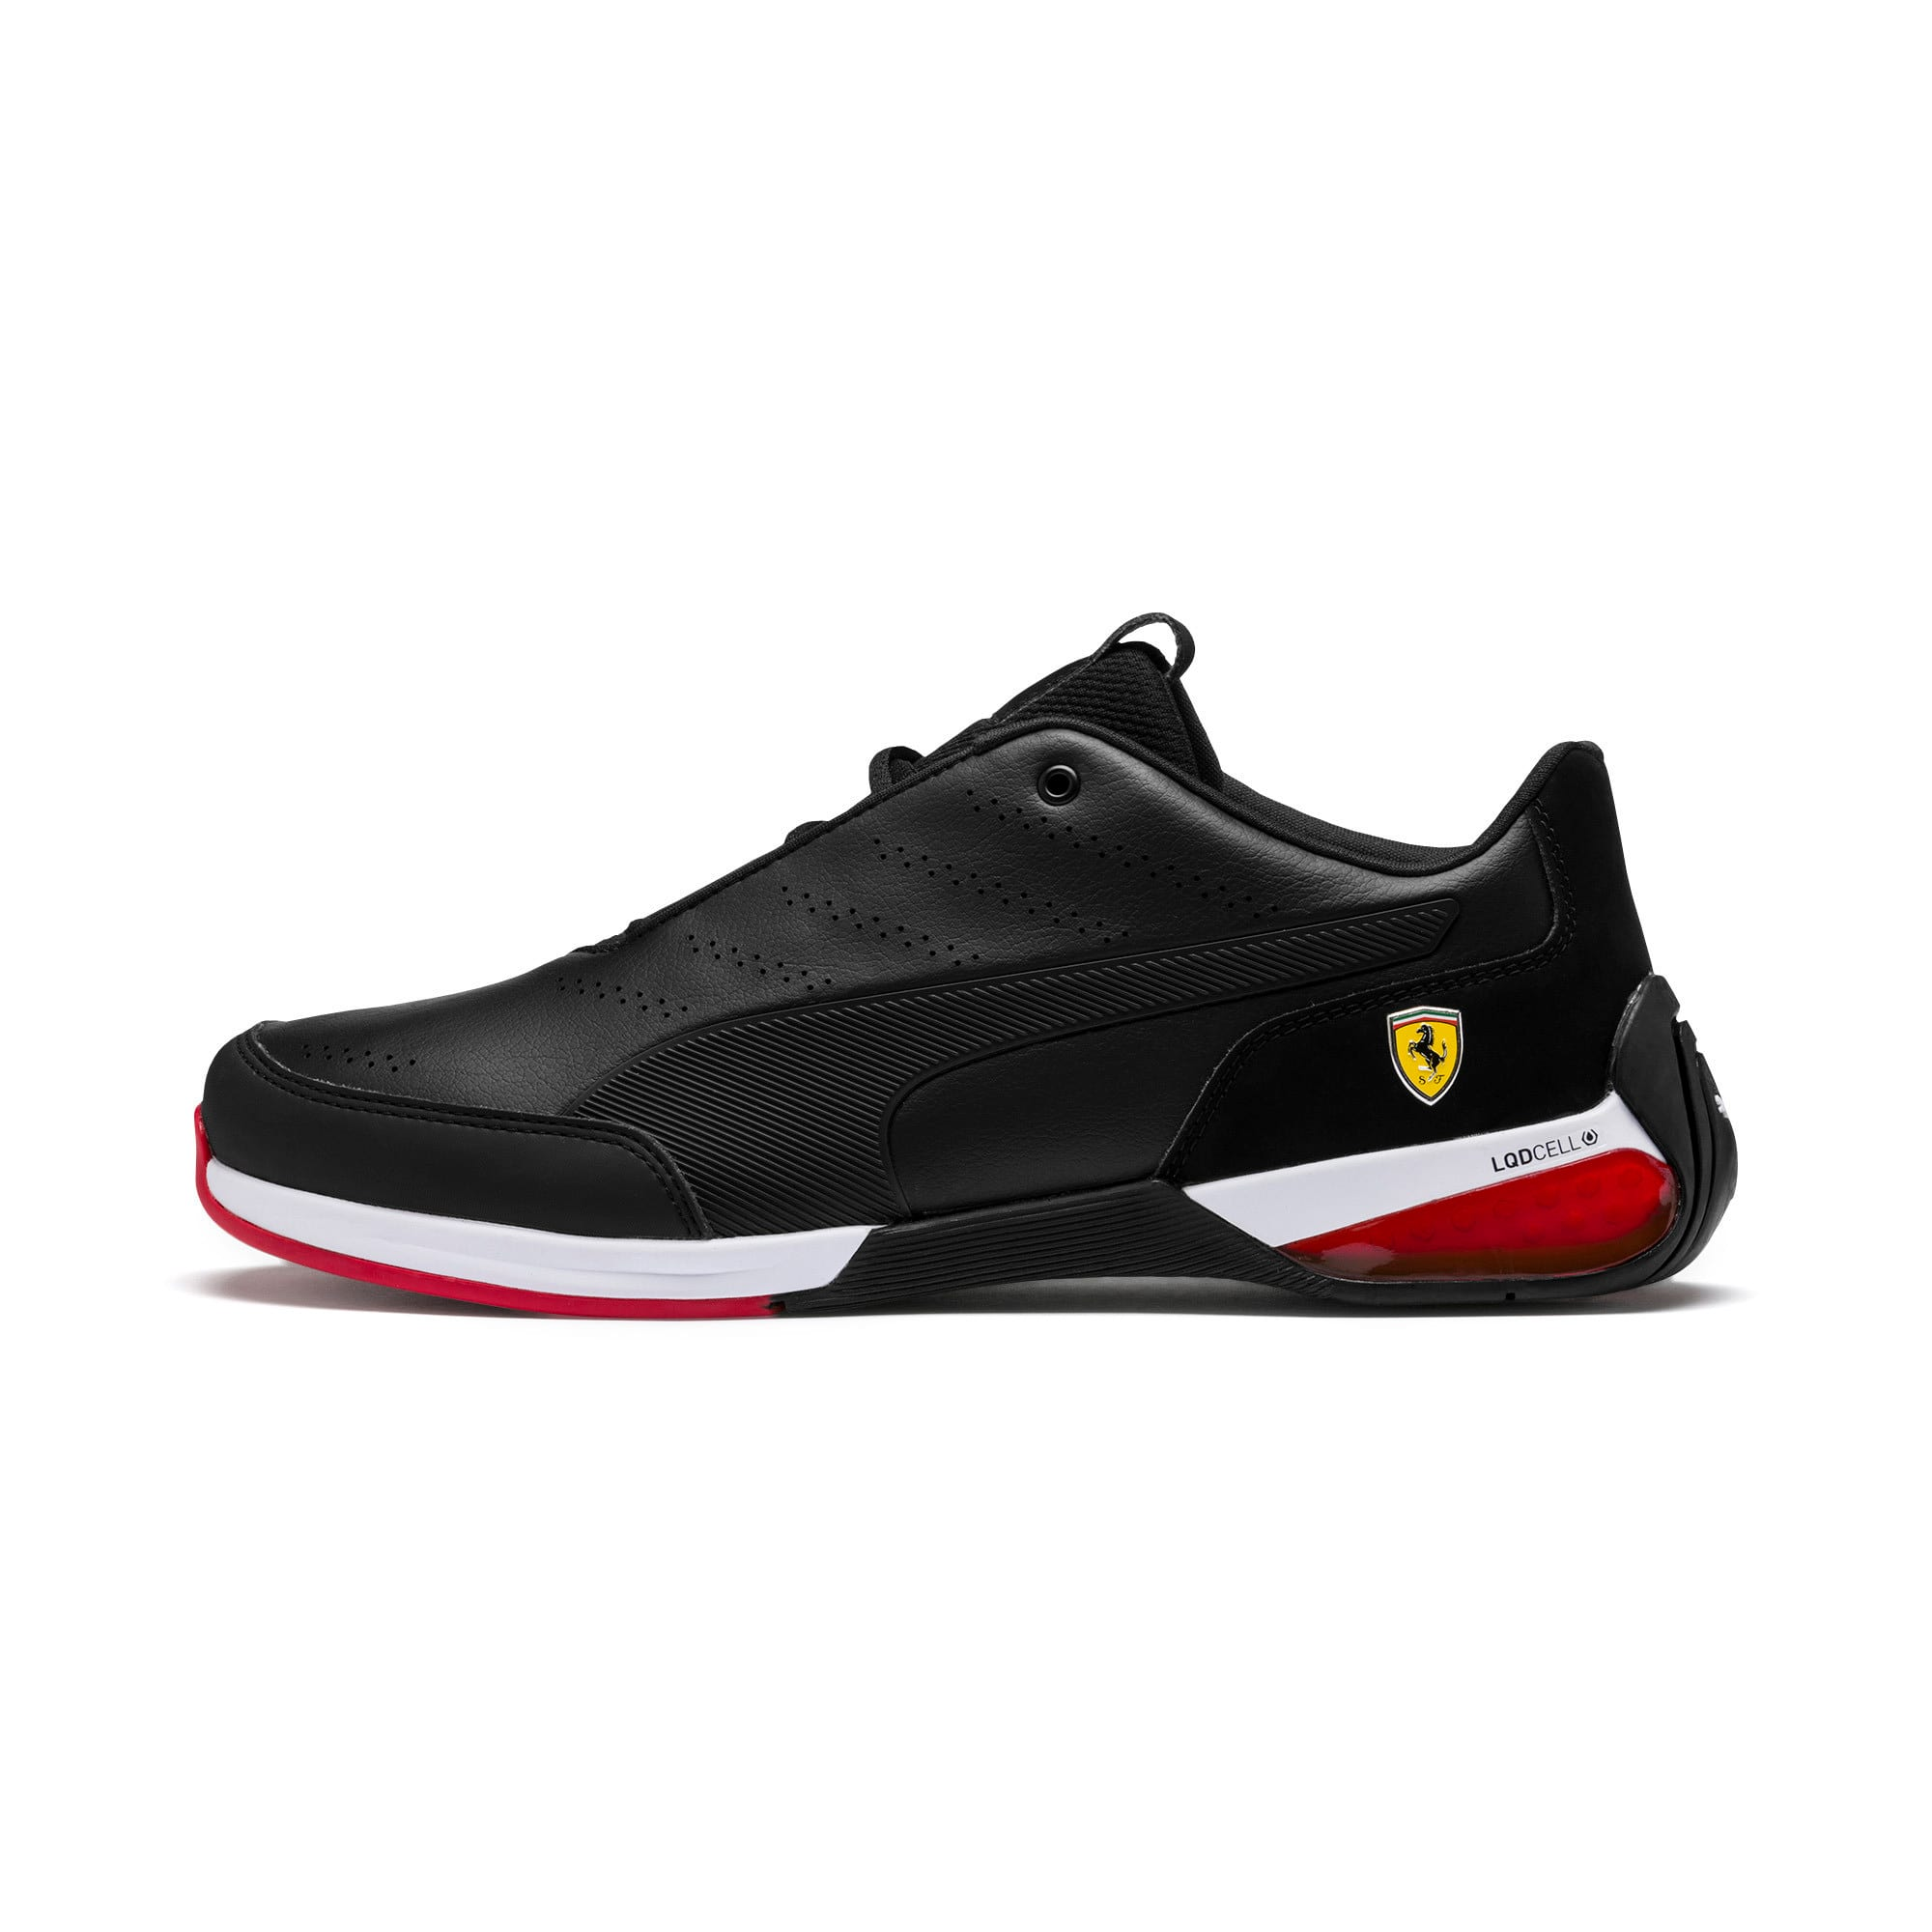 Puma Speed Cat Ferrari Schuhe 44.5 wie neu